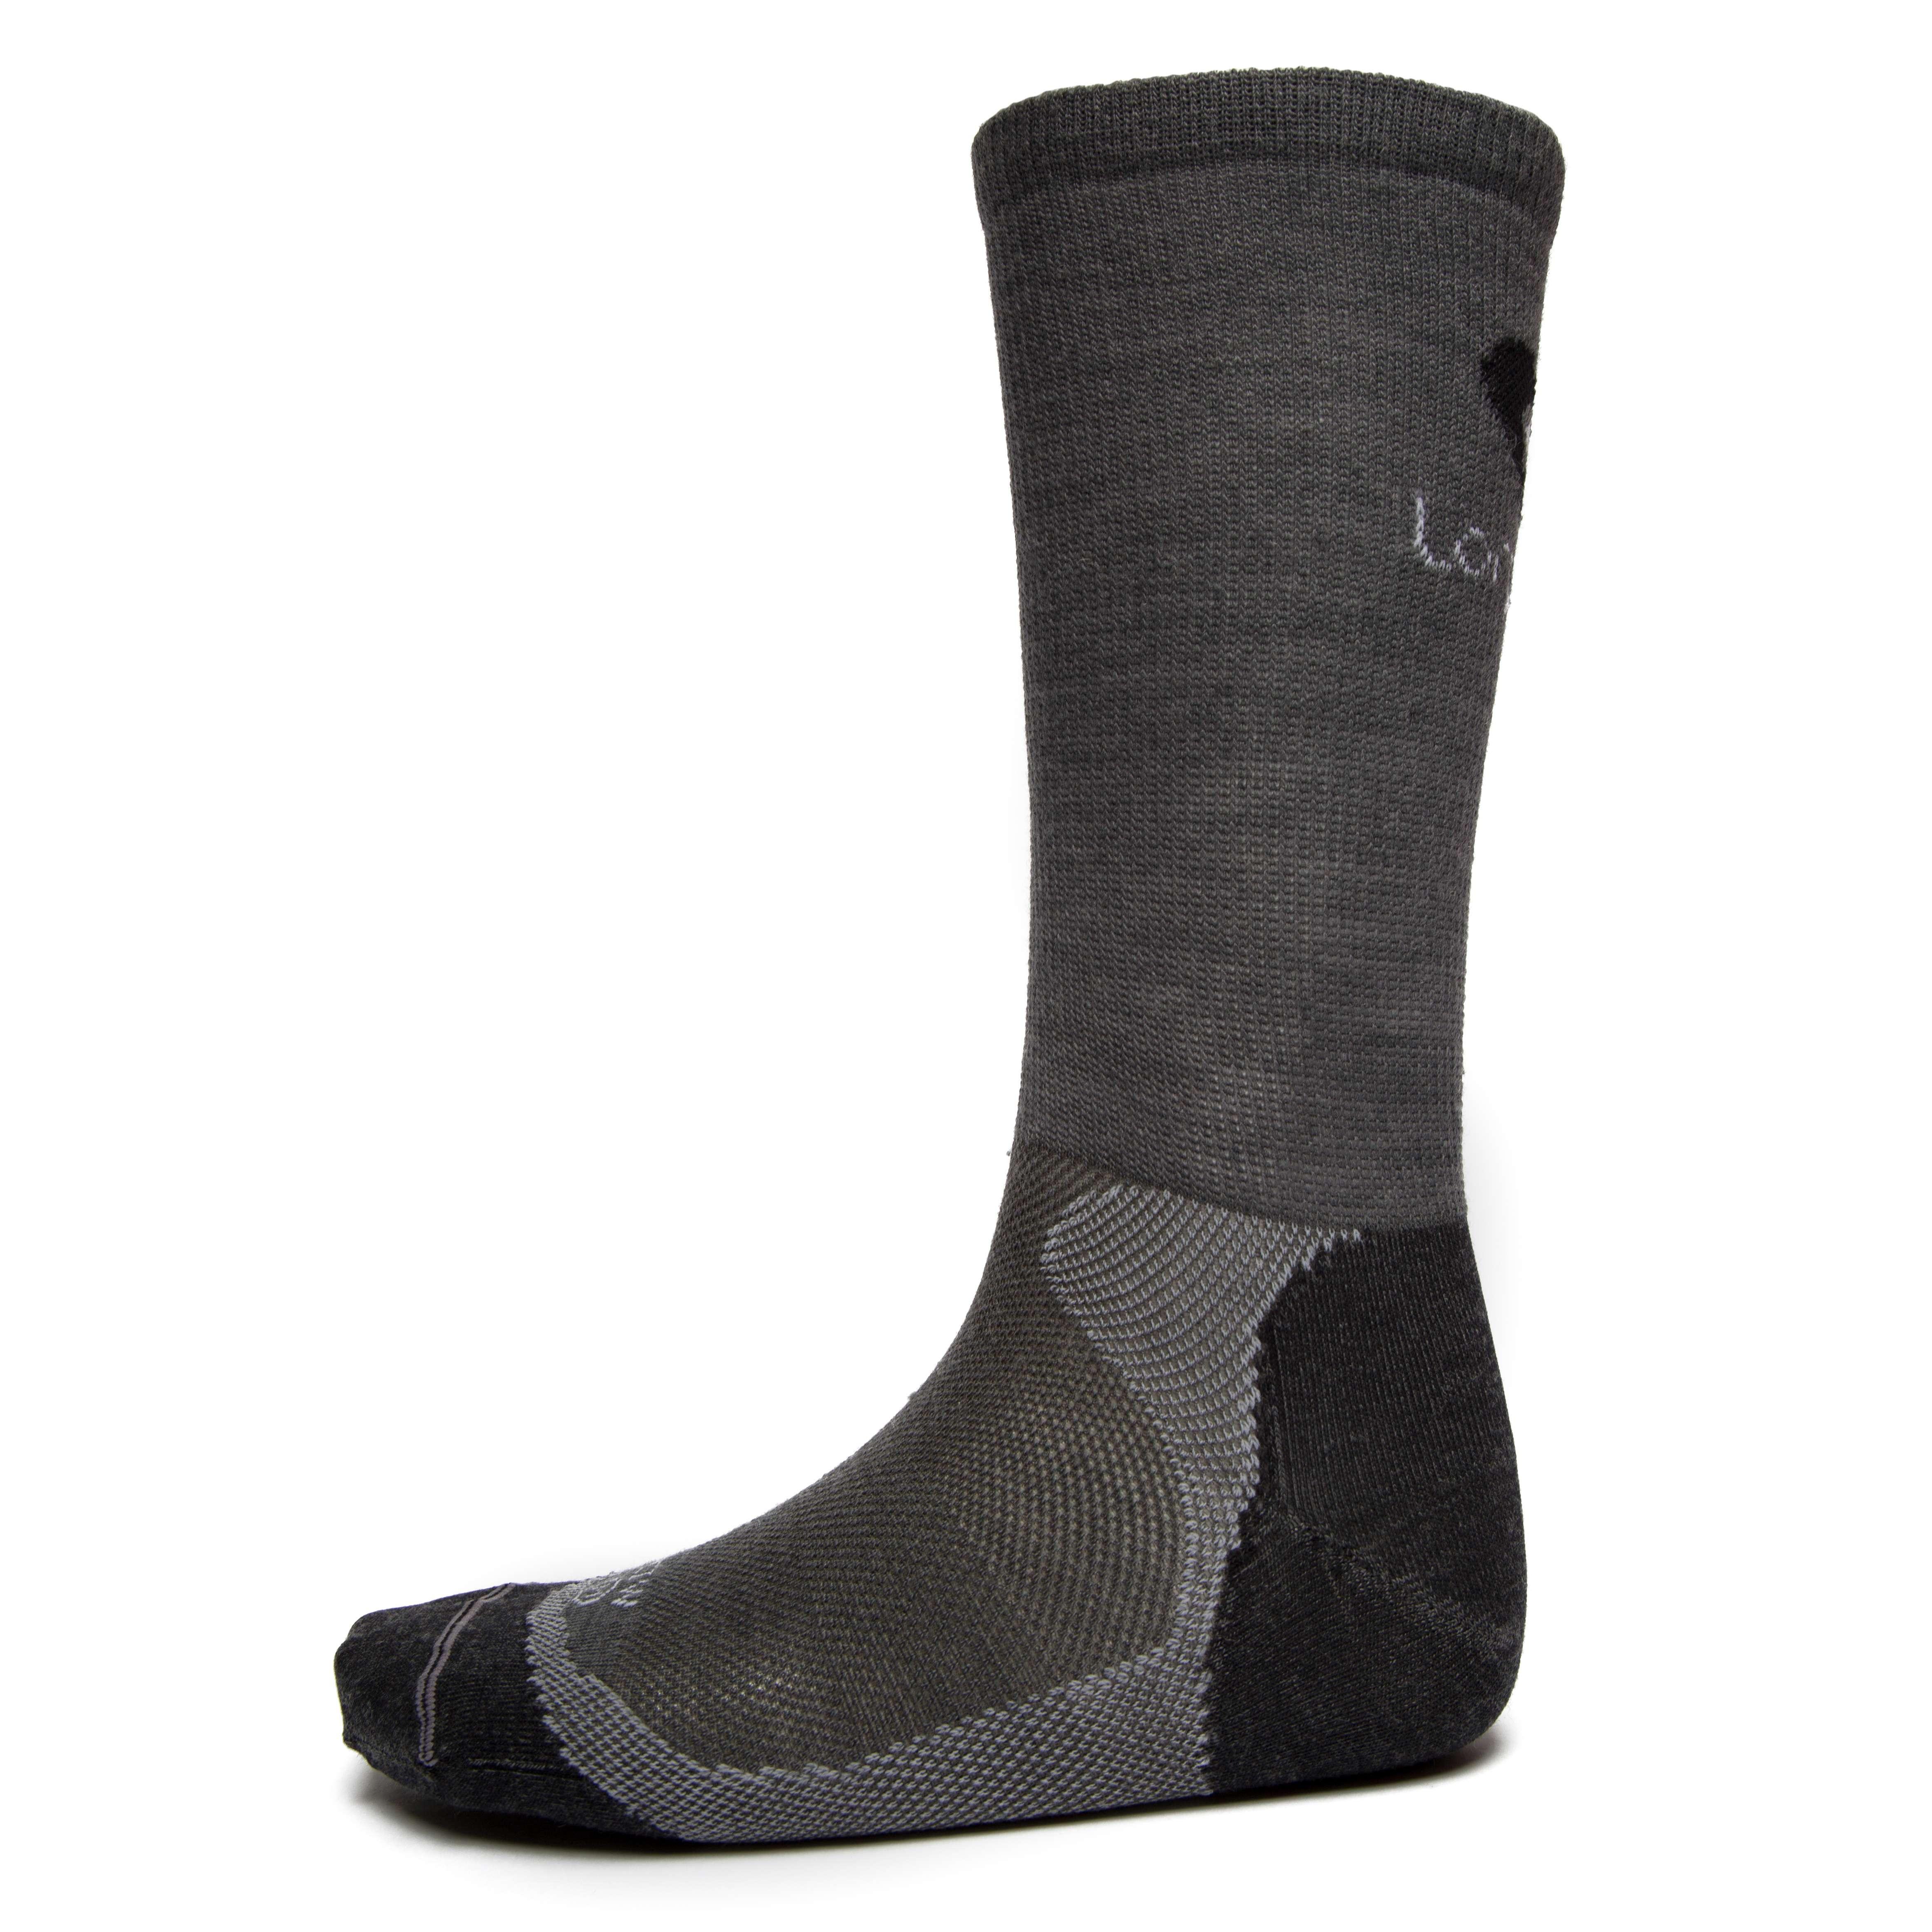 LORPEN T2 Merino Liner Socks